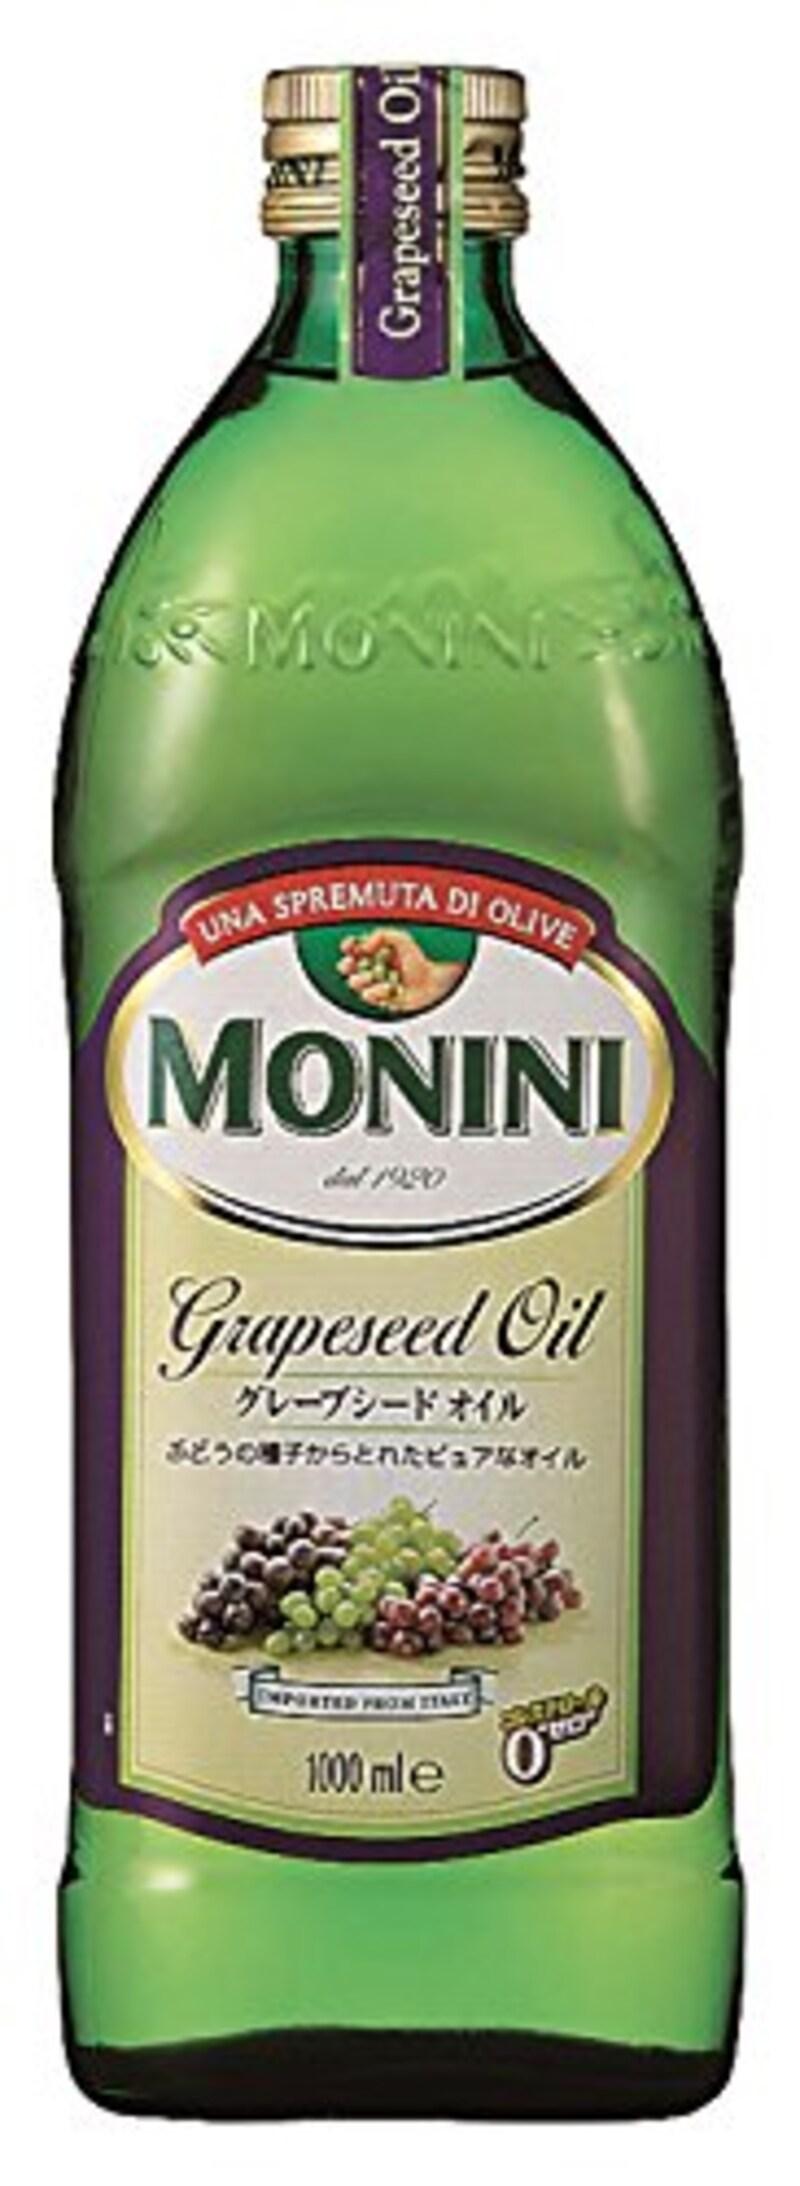 モニーニ,グレープシードオイル